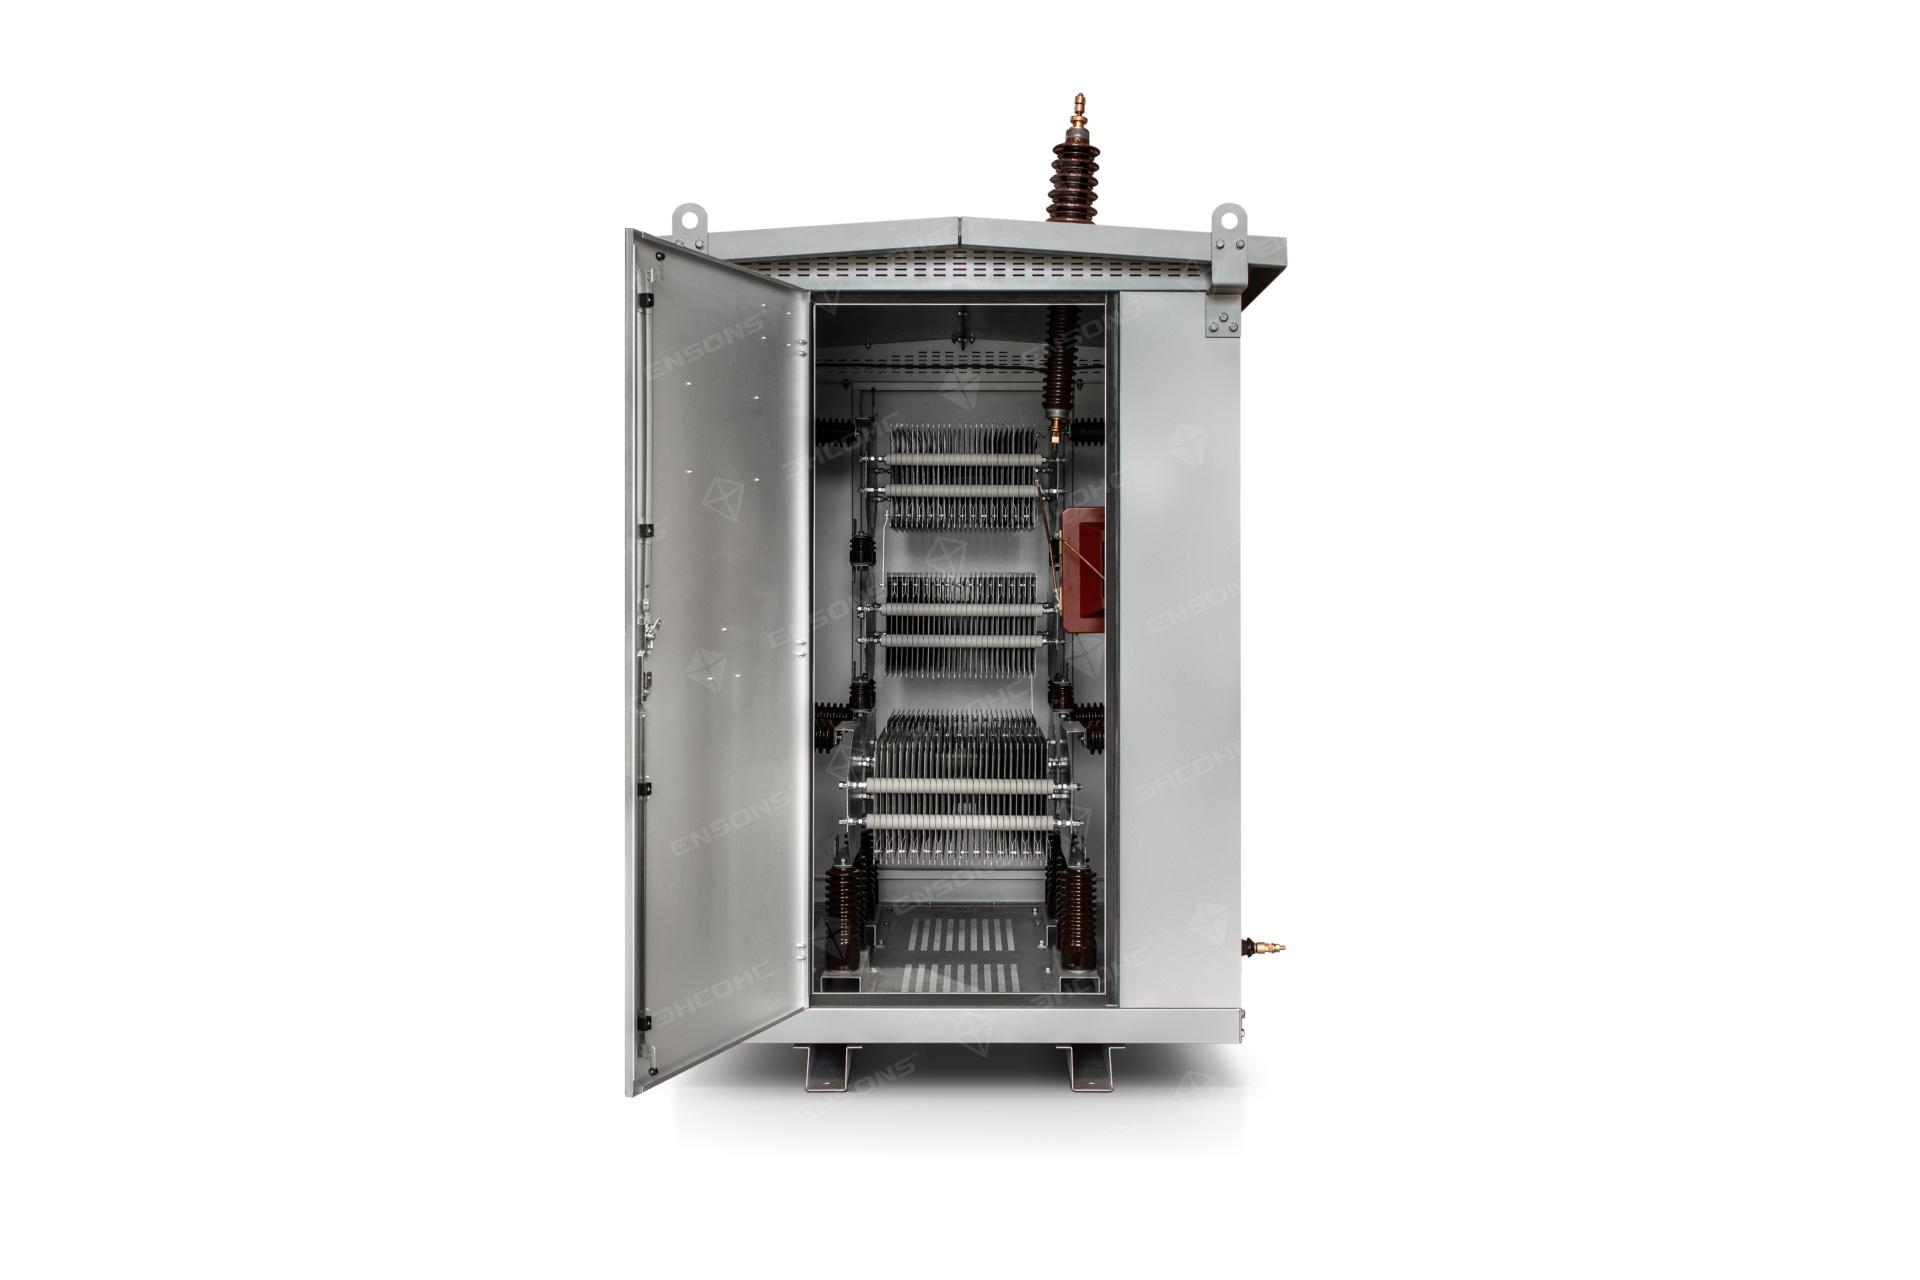 Ensons - Резистор 6-10 кВ (оцинкованный кожух)